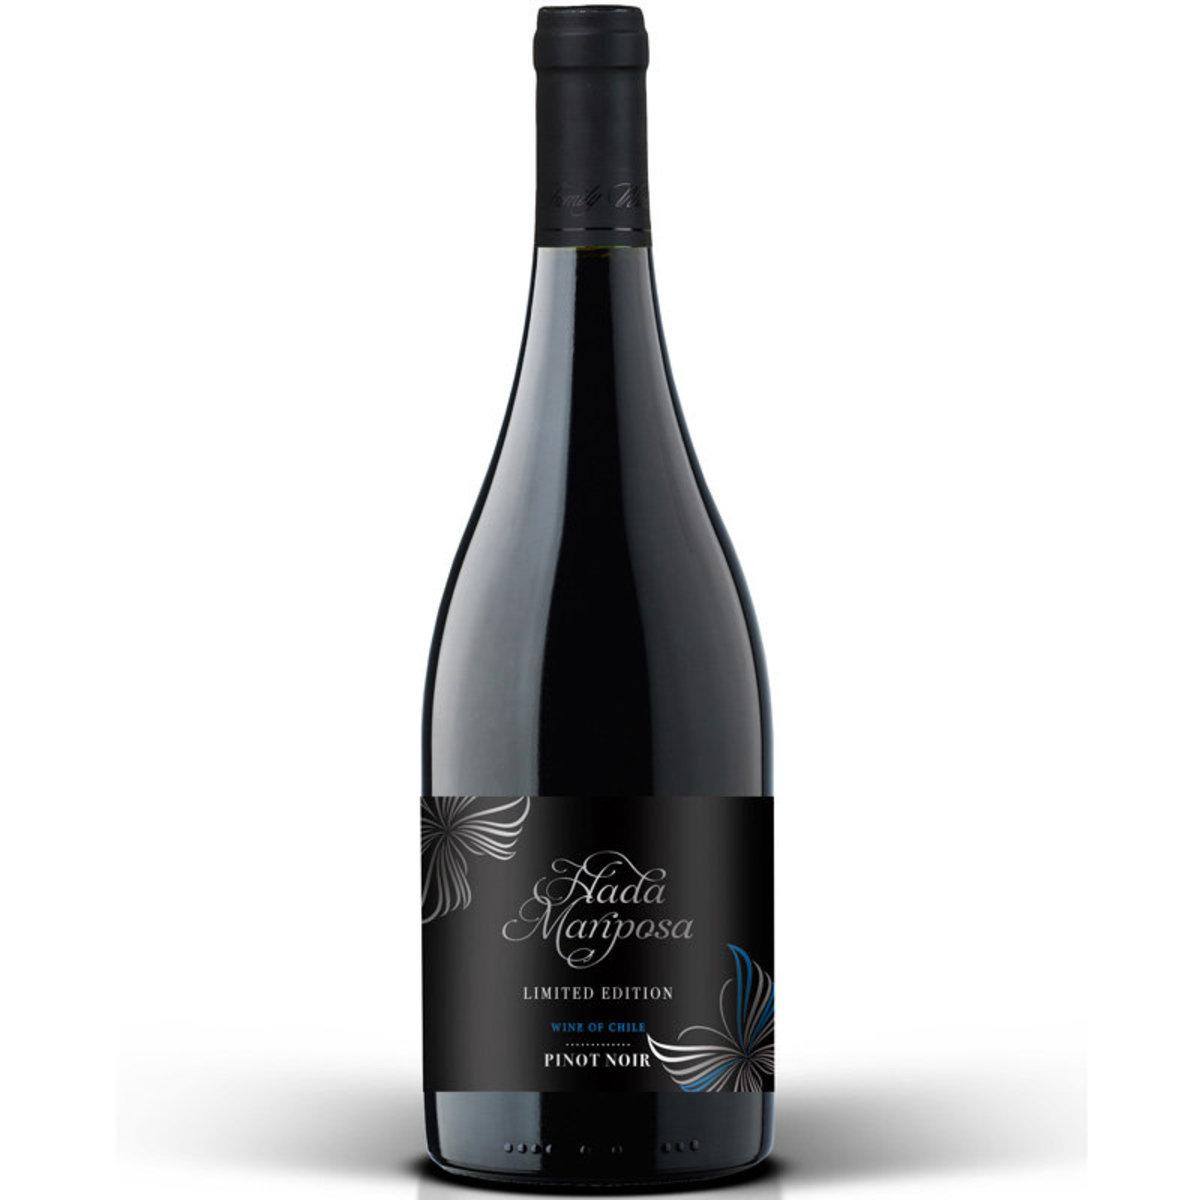 夜蝶, 黑皮諾 Hada Mariposa, Limited Edition Pinot Noir 2016